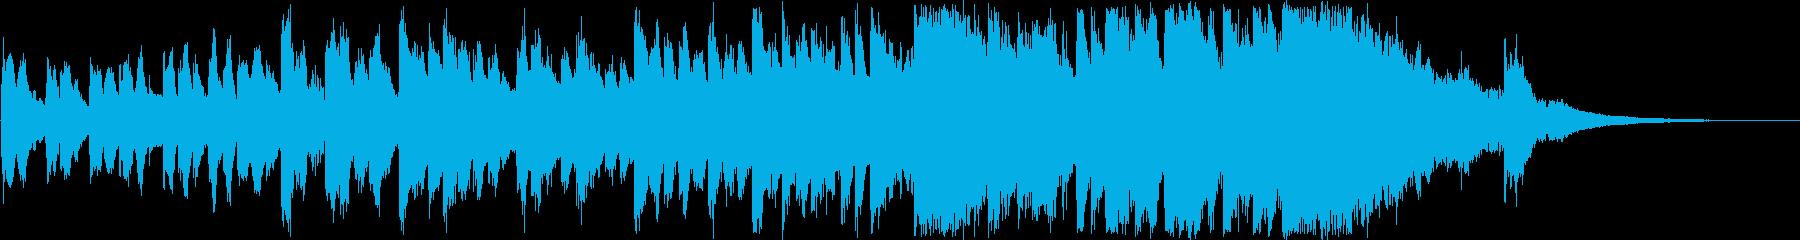 明るい・前向きなオーケストラ(30秒)の再生済みの波形